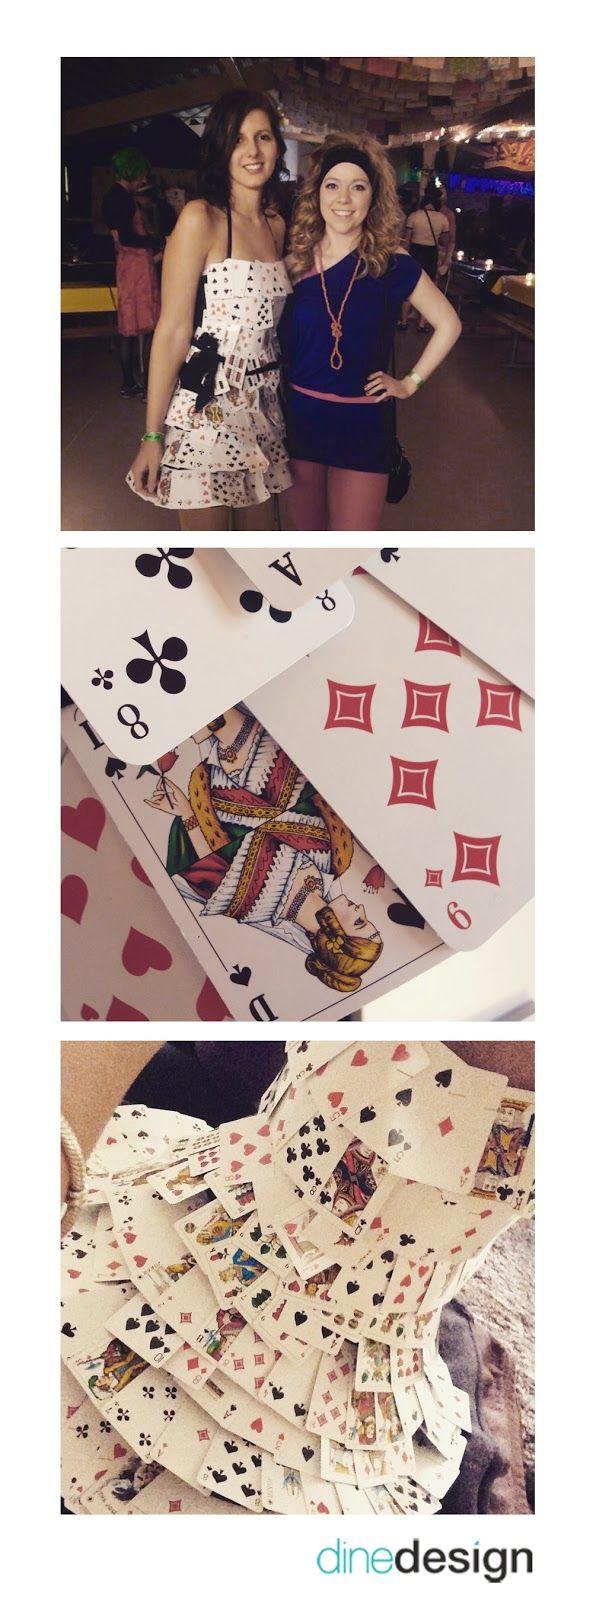 ❤ #DIY #Kostüm: #Queen of #Cards ❤   #Kartenkleid #selber #machen #Costume #Fasching #Rosenmontag  Alles was ihr dazu braucht ist: - ein Kleid (am besten ein altes, das ihr nicht braucht) - 2-3 Kartenspiele - Tacker + Tackernadeln  Ich habe in dem Fall ein Kleid genommen, das am Rockteil aus mehreren Lagen besteht, weil es später schöner fällt.